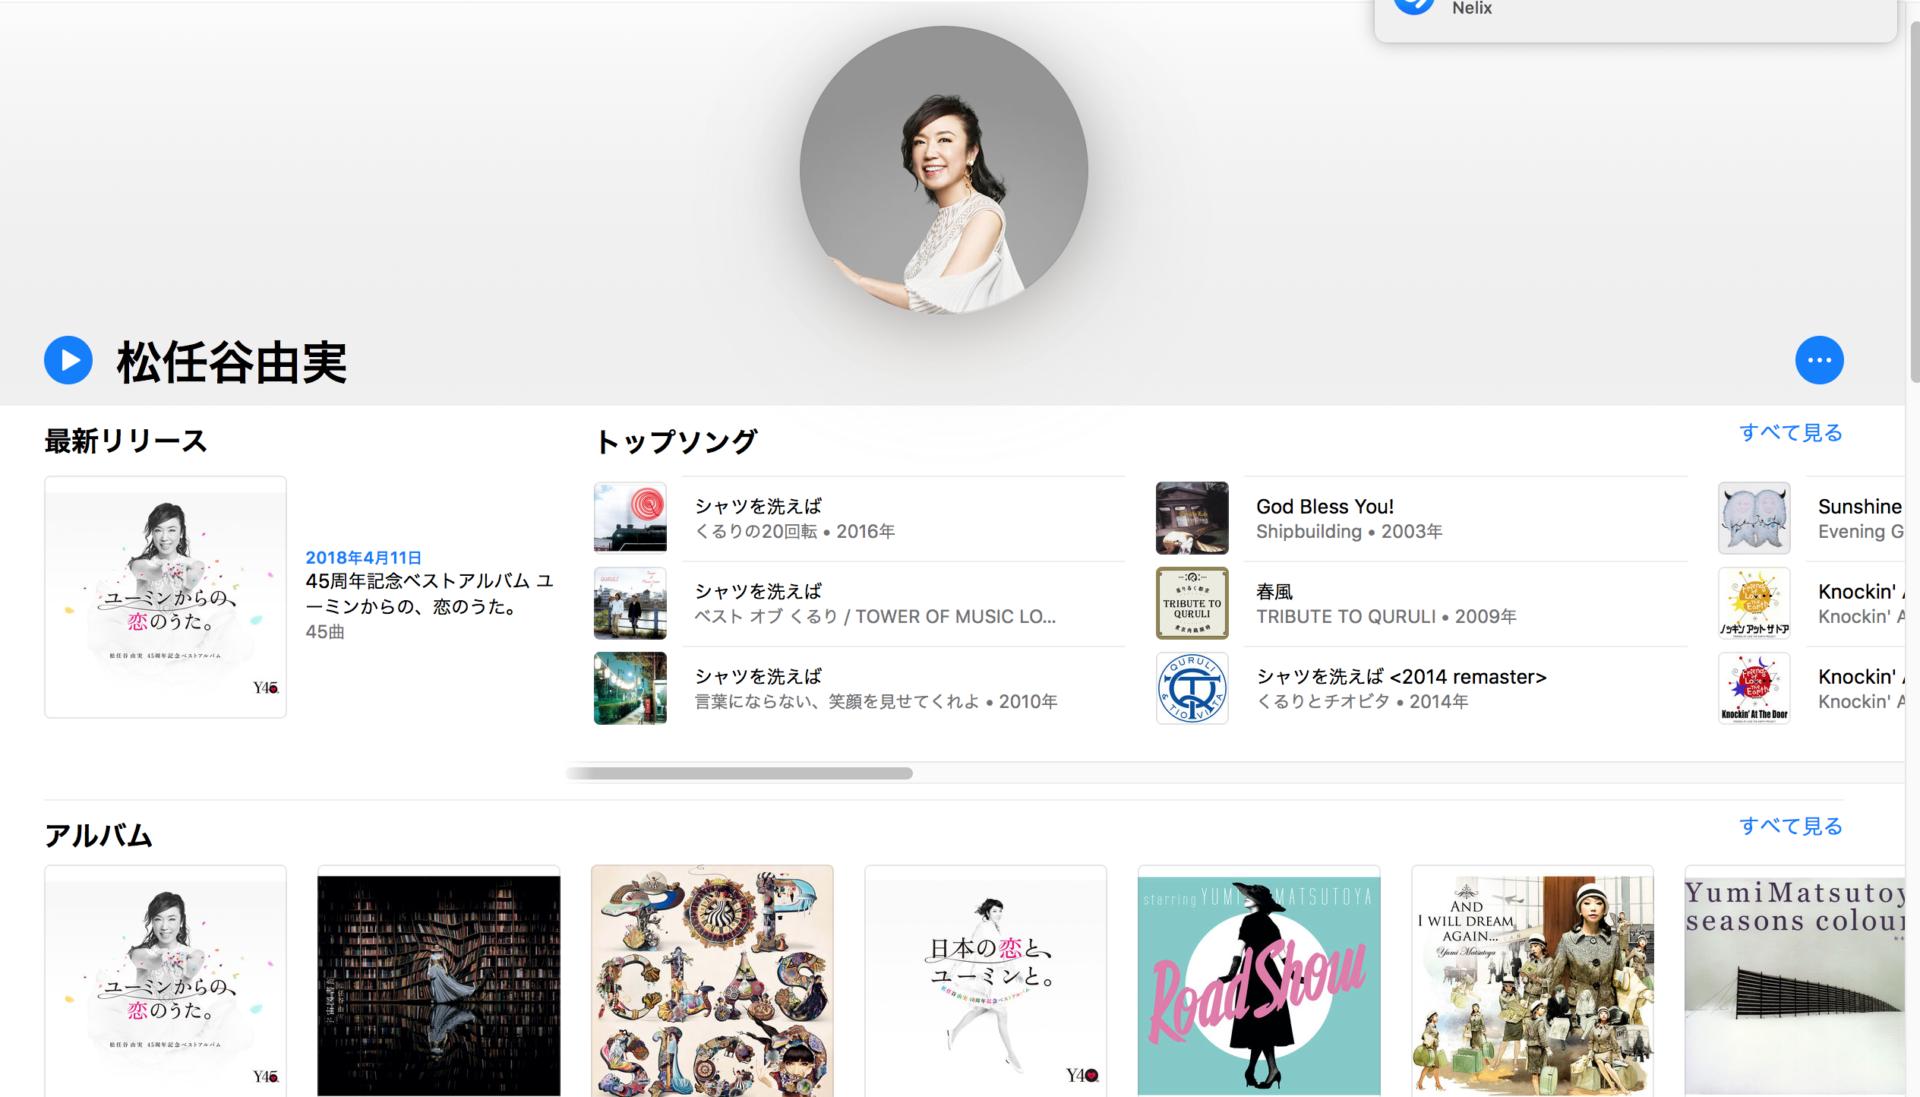 ユーミン、AppleMusic、アップルミュージック